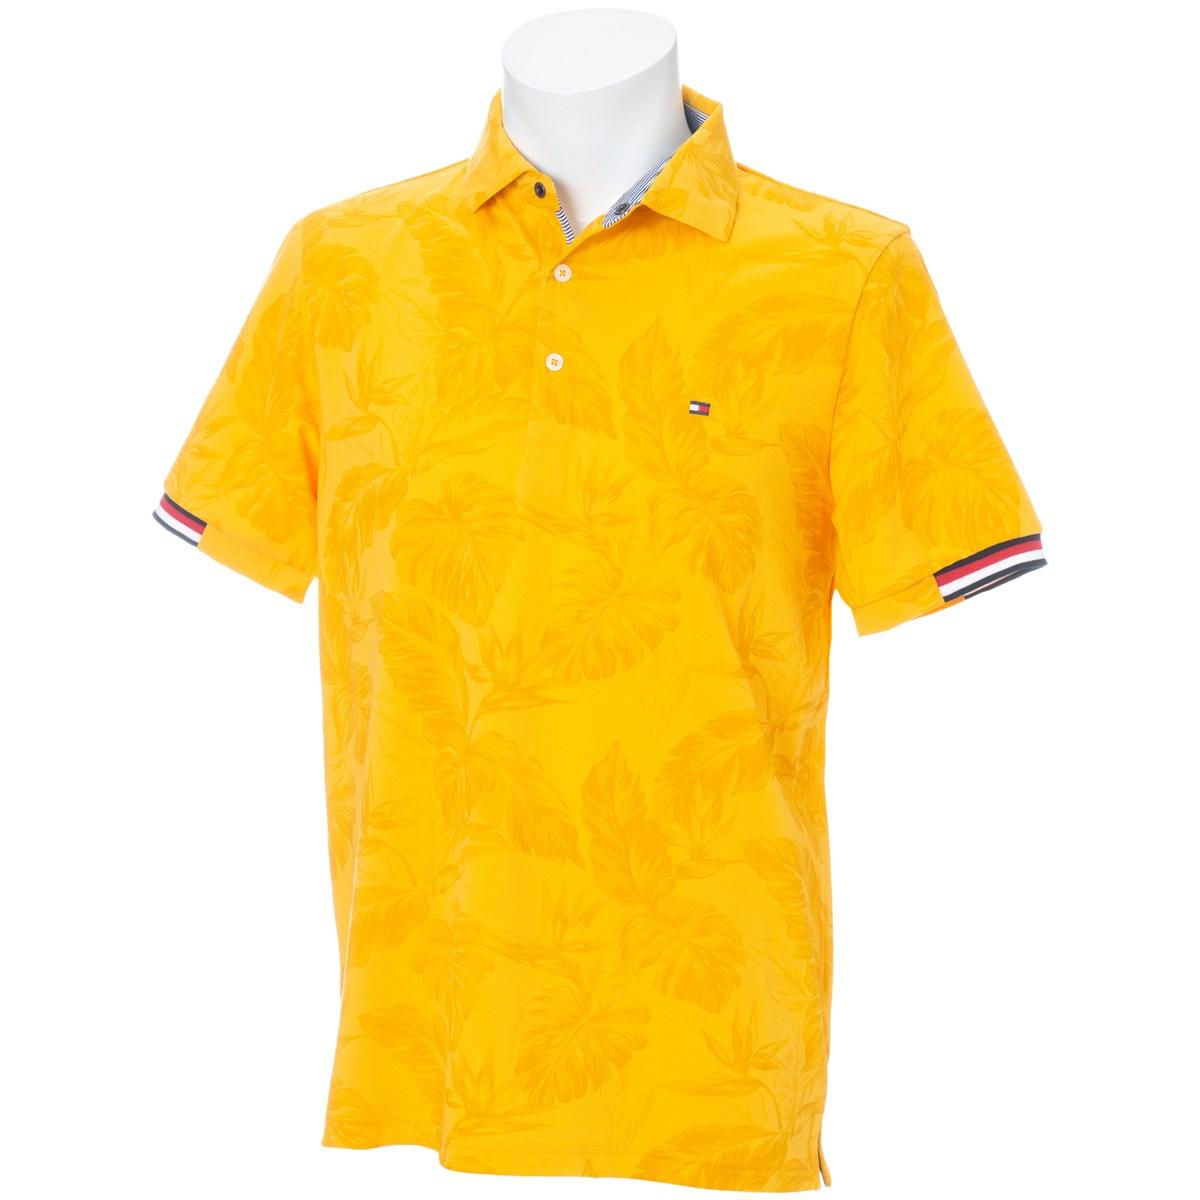 トミーヒルフィガー(Tommy Hilfiger) LEAF-PRINTED 半袖ポロシャツ